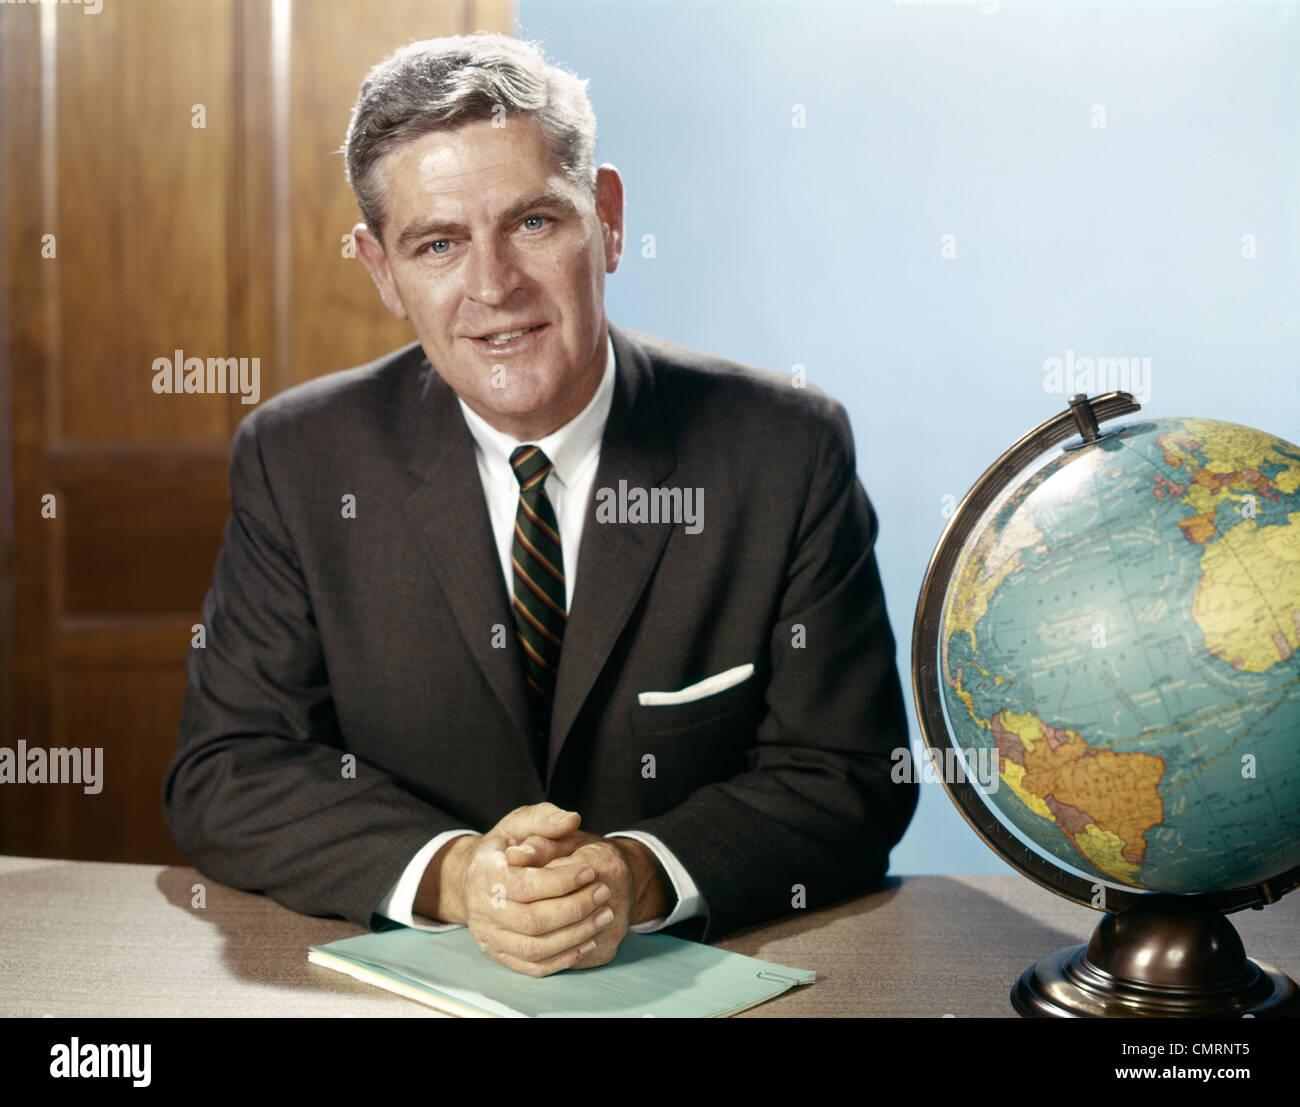 Ritratto di imprenditore uomo seduto alla scrivania accanto al globo terrestre OFFICE INDOOR Immagini Stock